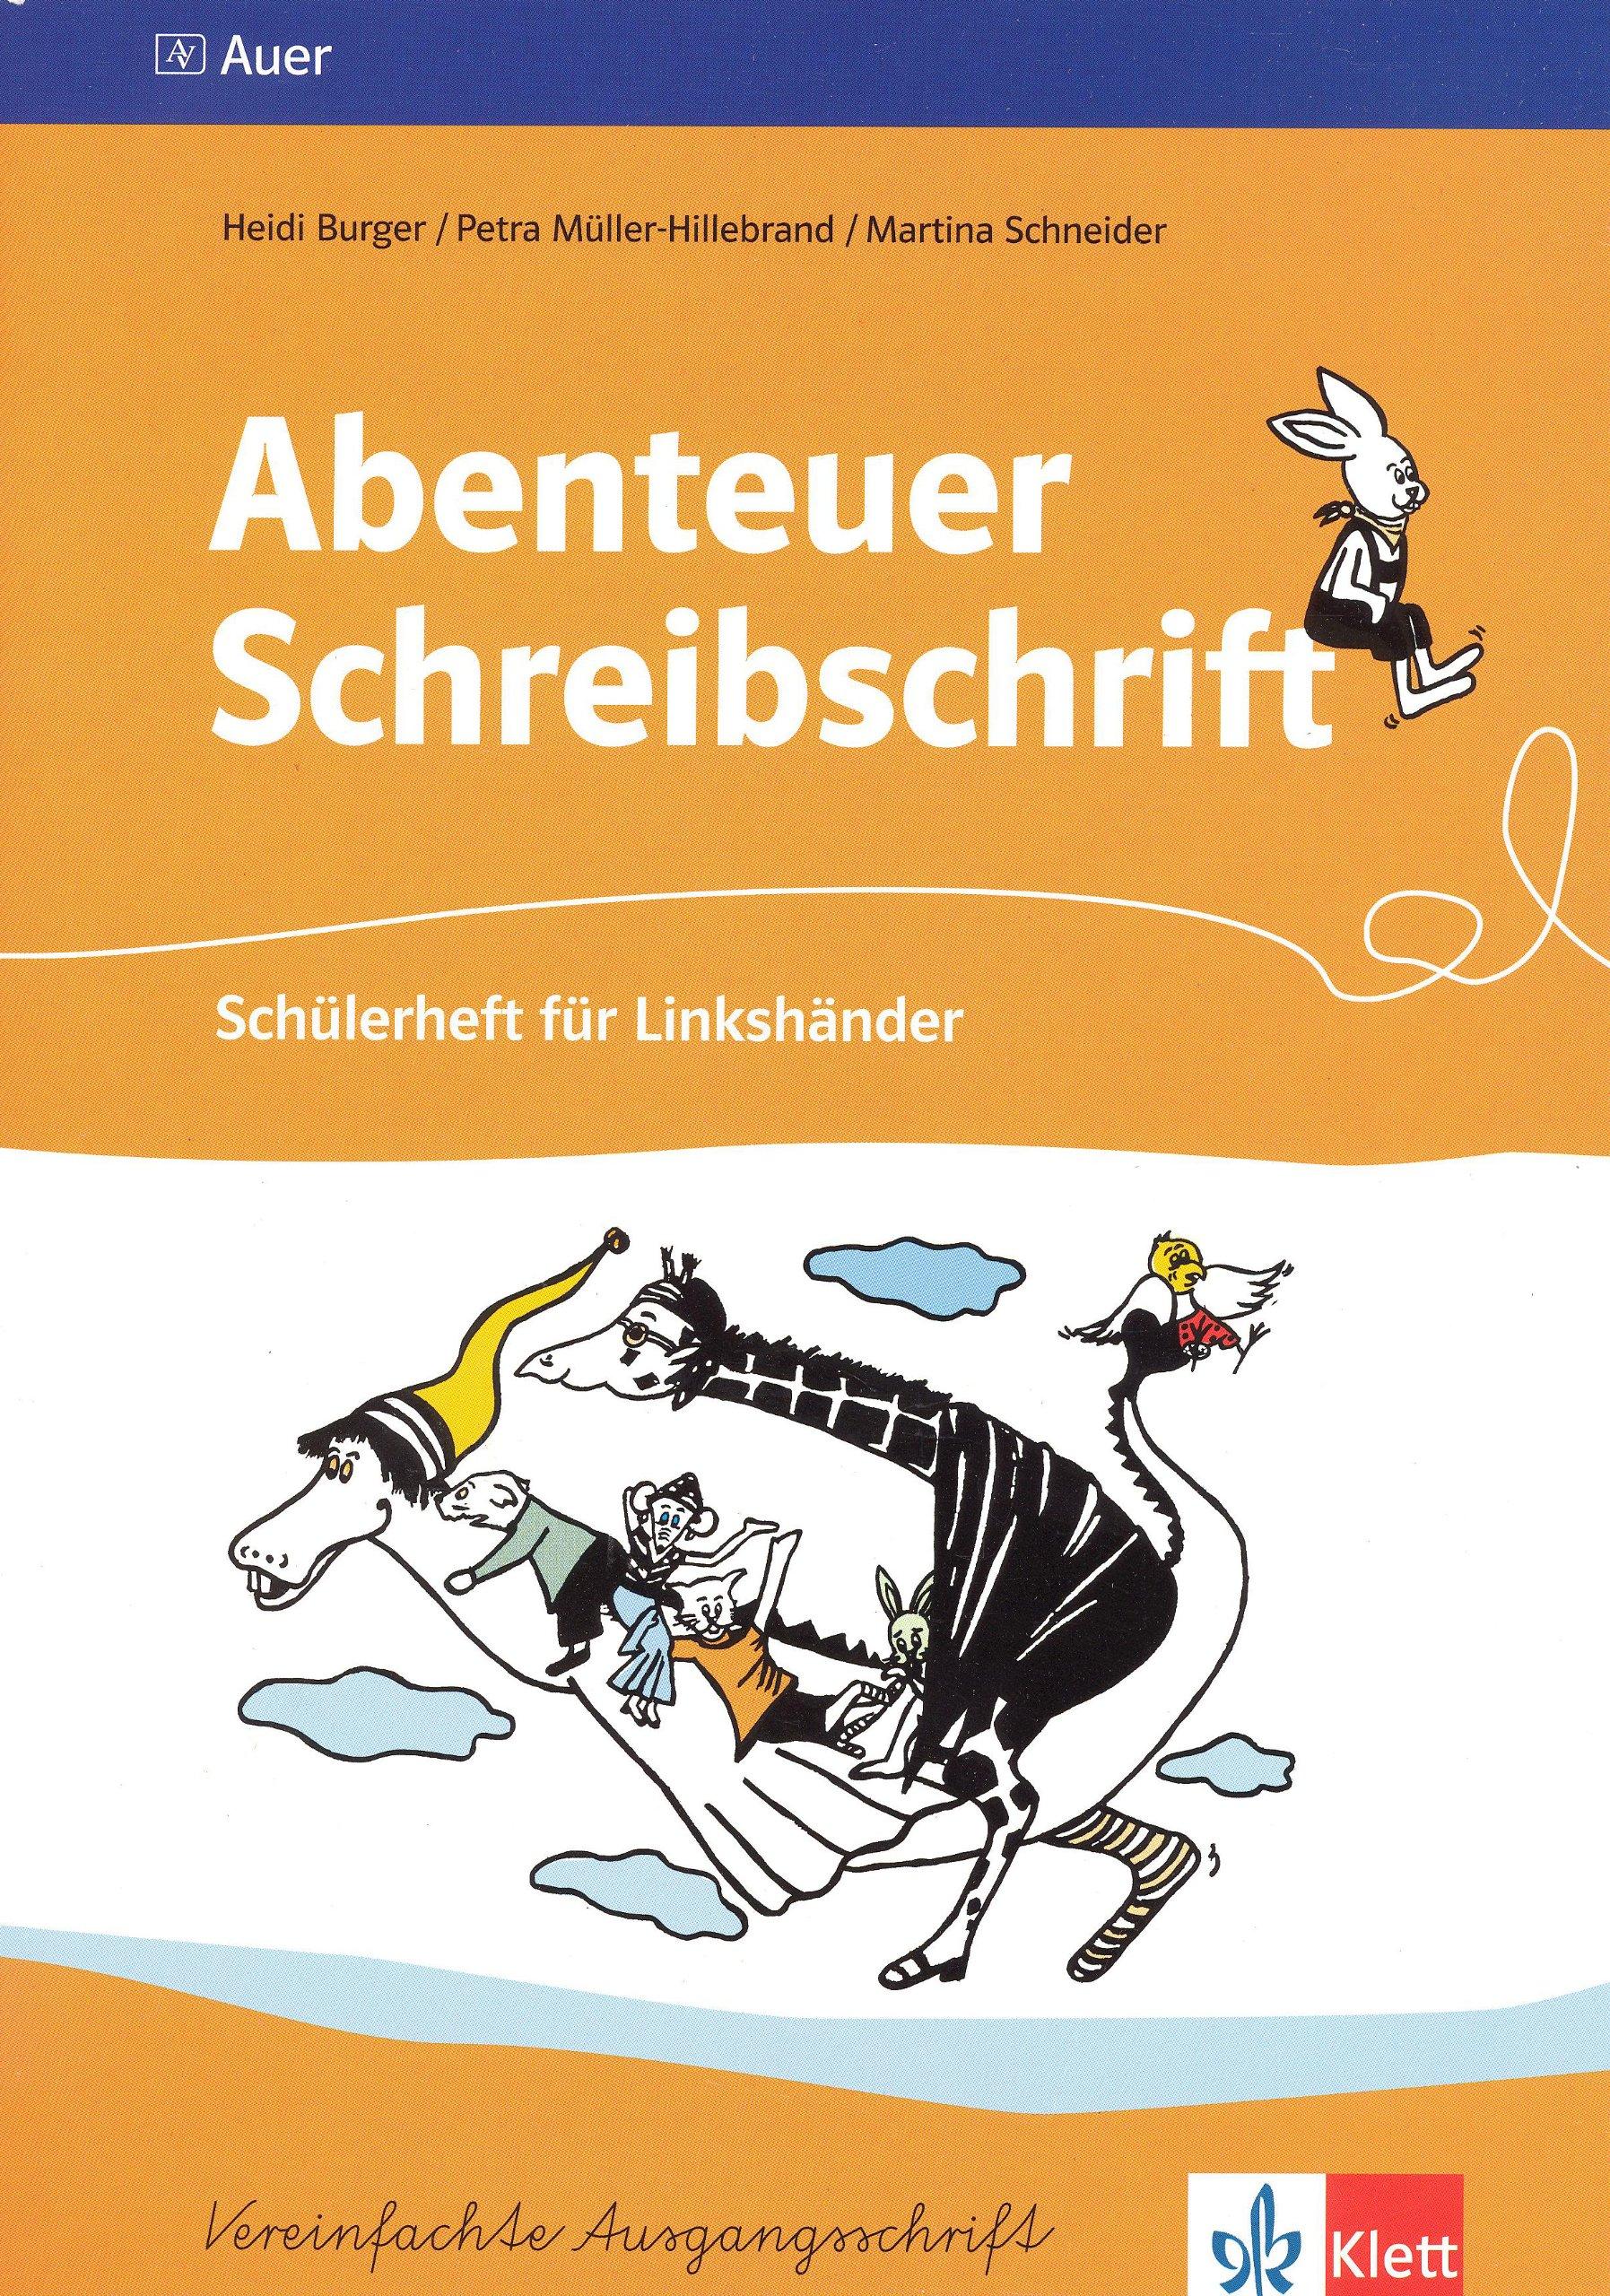 Abenteuer Schreibschrift. Vereinfachte Ausgangsschrift: Arbeitsheft für Linkshänder Klasse 1/2 Broschiert – 1. April 2009 Heidi Burger Petra Müller-Hillebrand Klett 3120036013